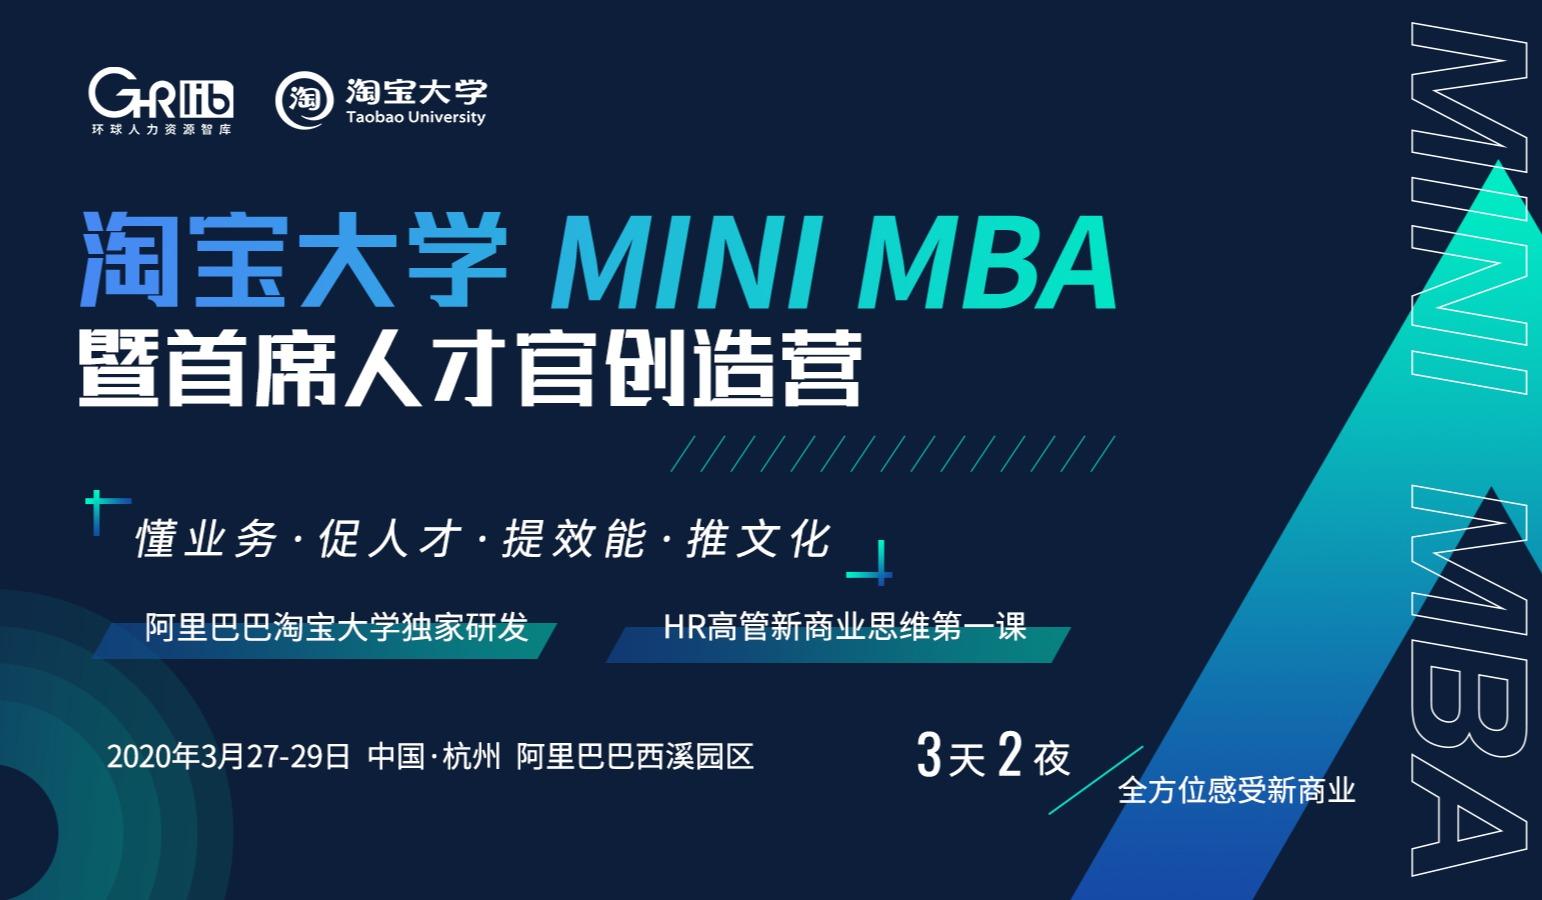 淘宝大学MINI MBA暨首席人才官创造营